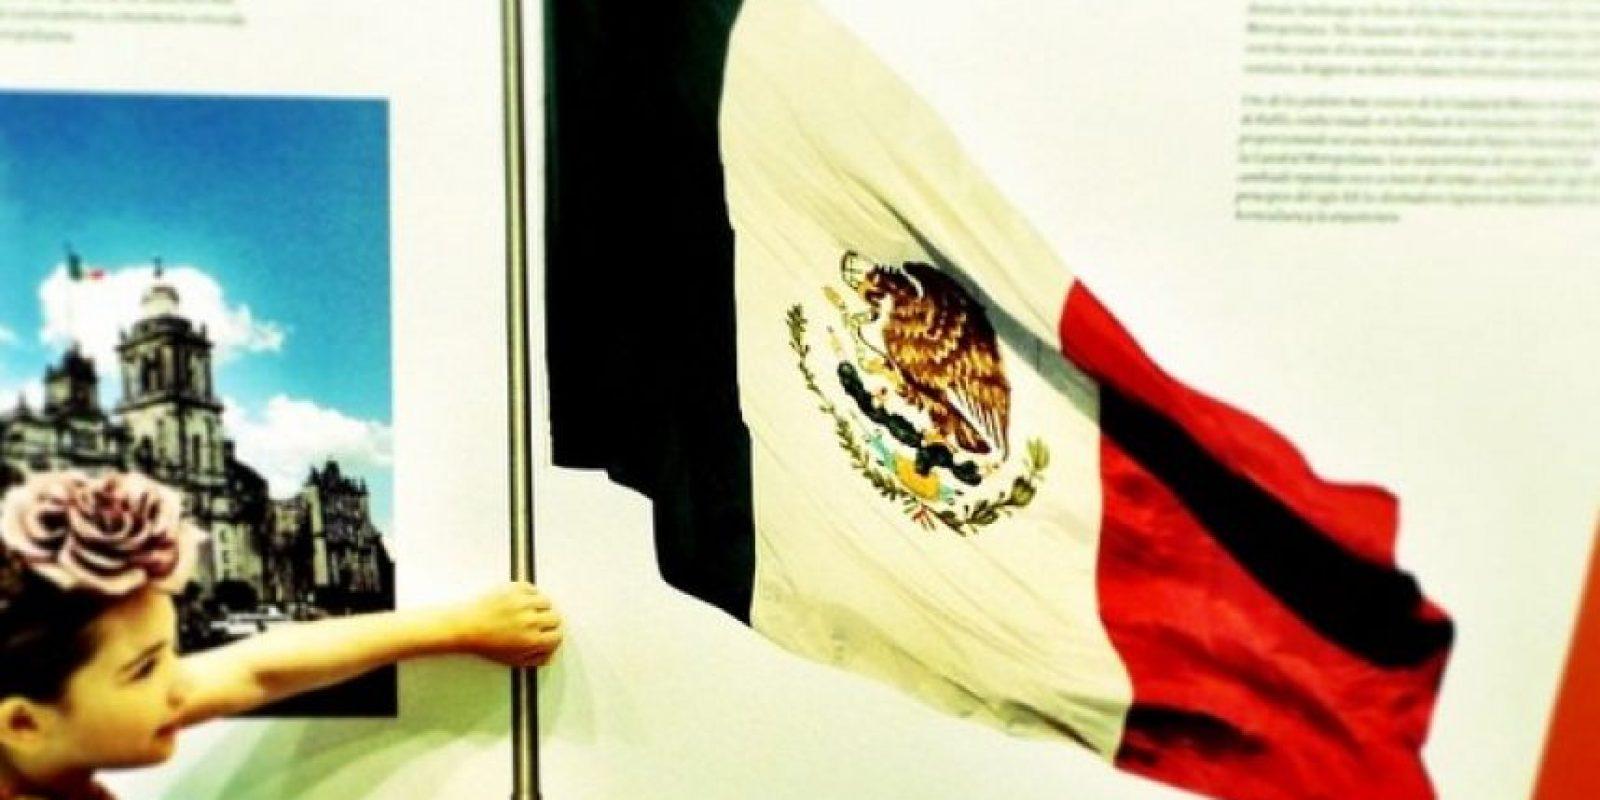 """""""Mi bandera. Llevando a México en el alma desde chiquitos"""", escribió en Instagram. Foto:Instagram/Thalia"""